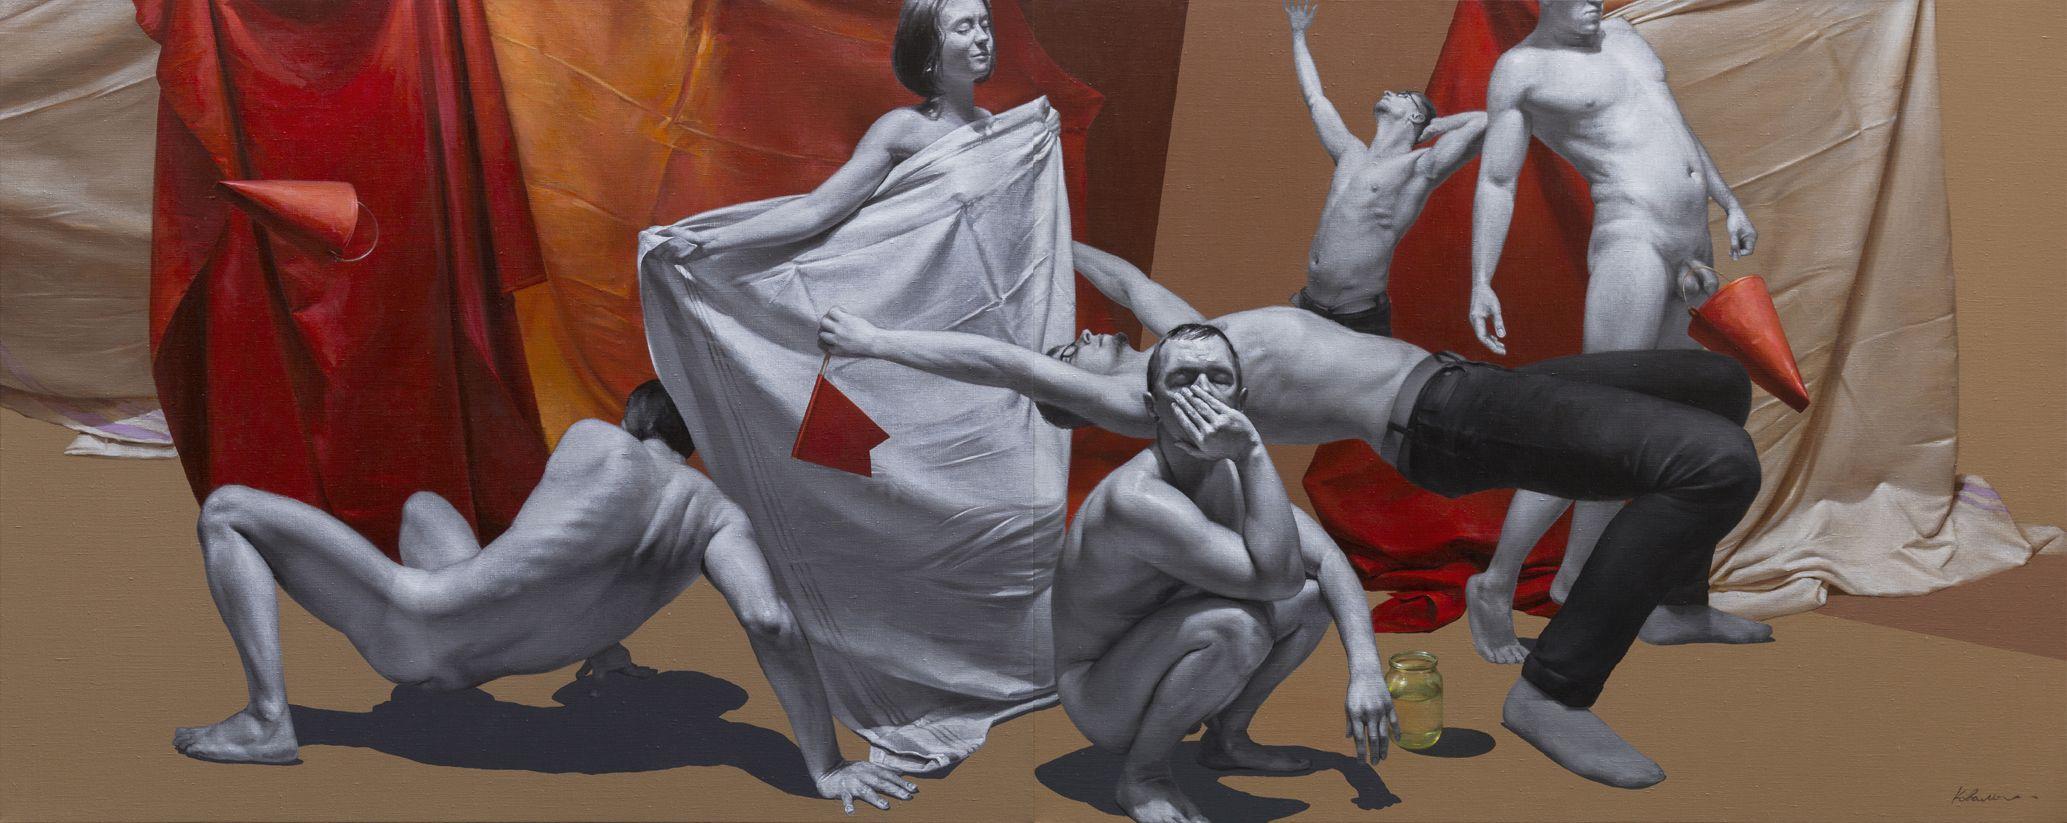 Юрій Коваль. Композиція з банкою води (диптих), 2018; акрил, олія на полотні, 120х300